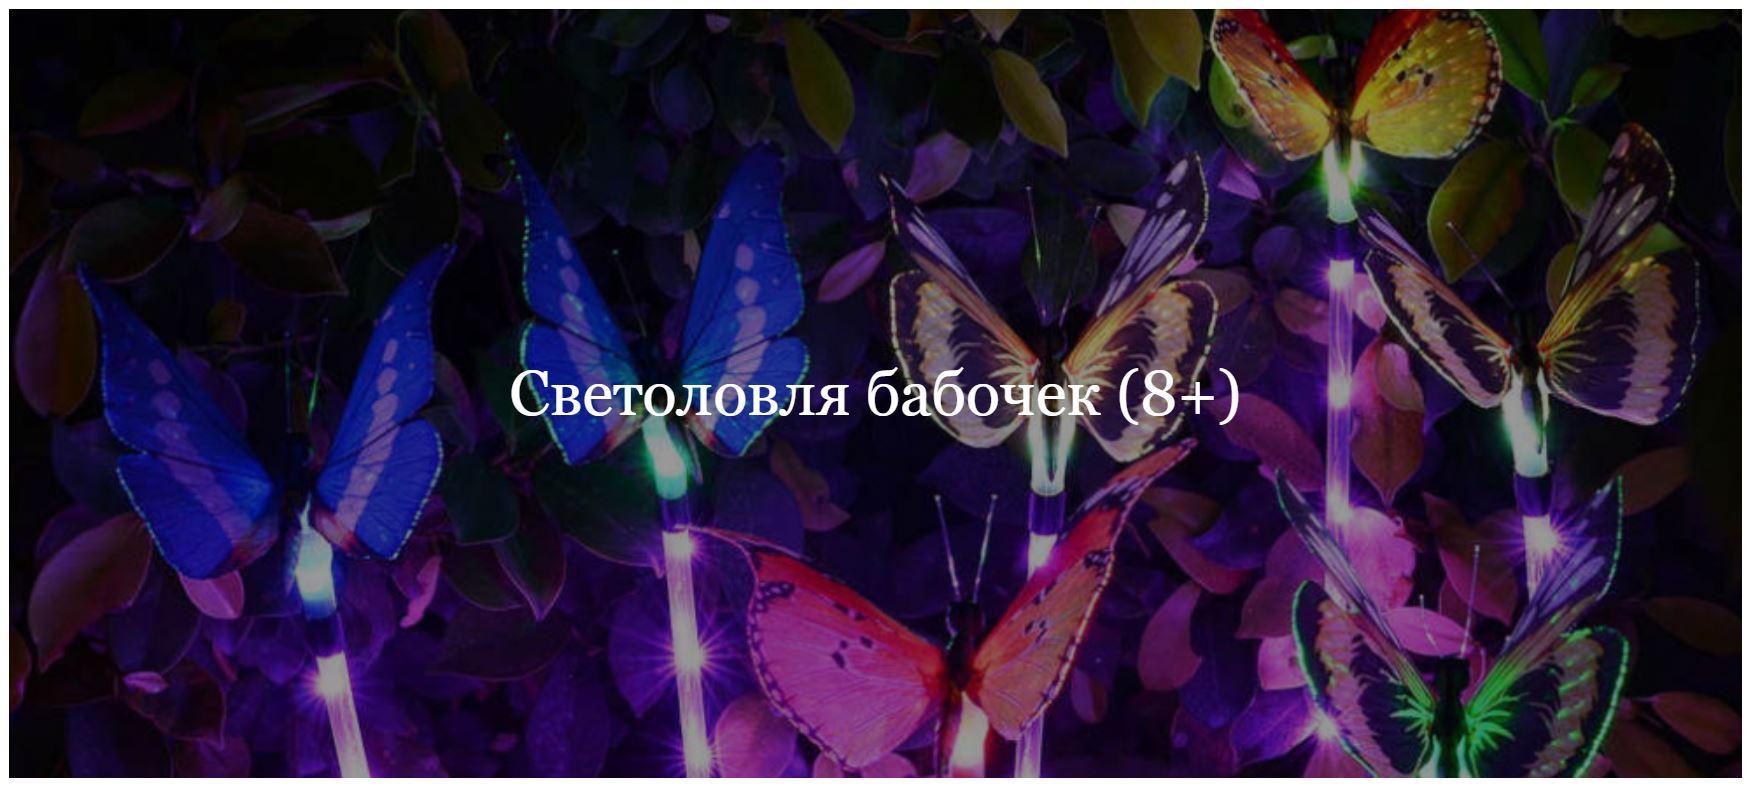 Светоловля бабочек вСанкт-Петербурге.